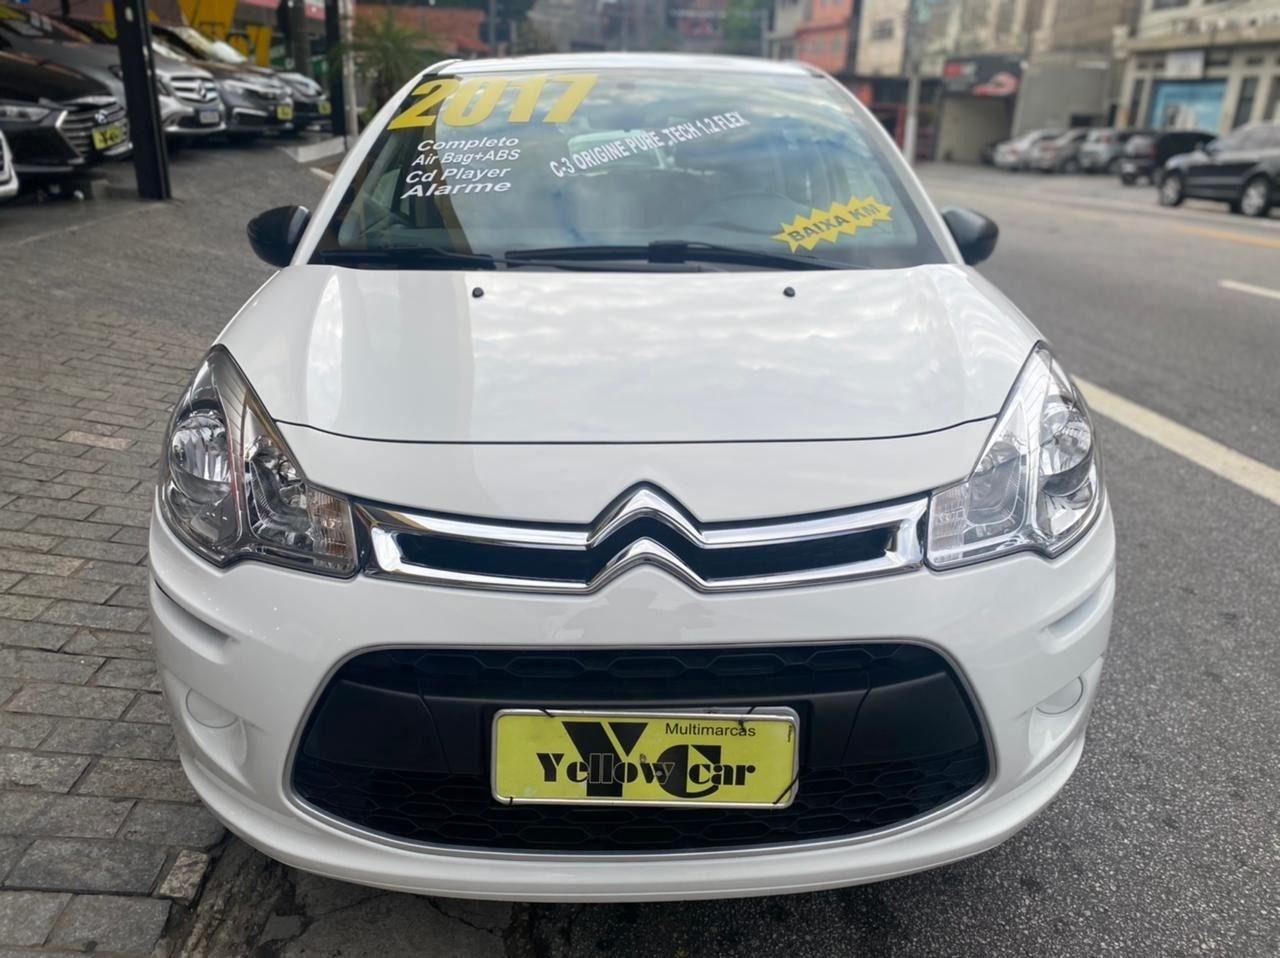 //www.autoline.com.br/carro/citroen/c3-12-origine-12v-flex-4p-manual/2017/sao-paulo-sp/13943408